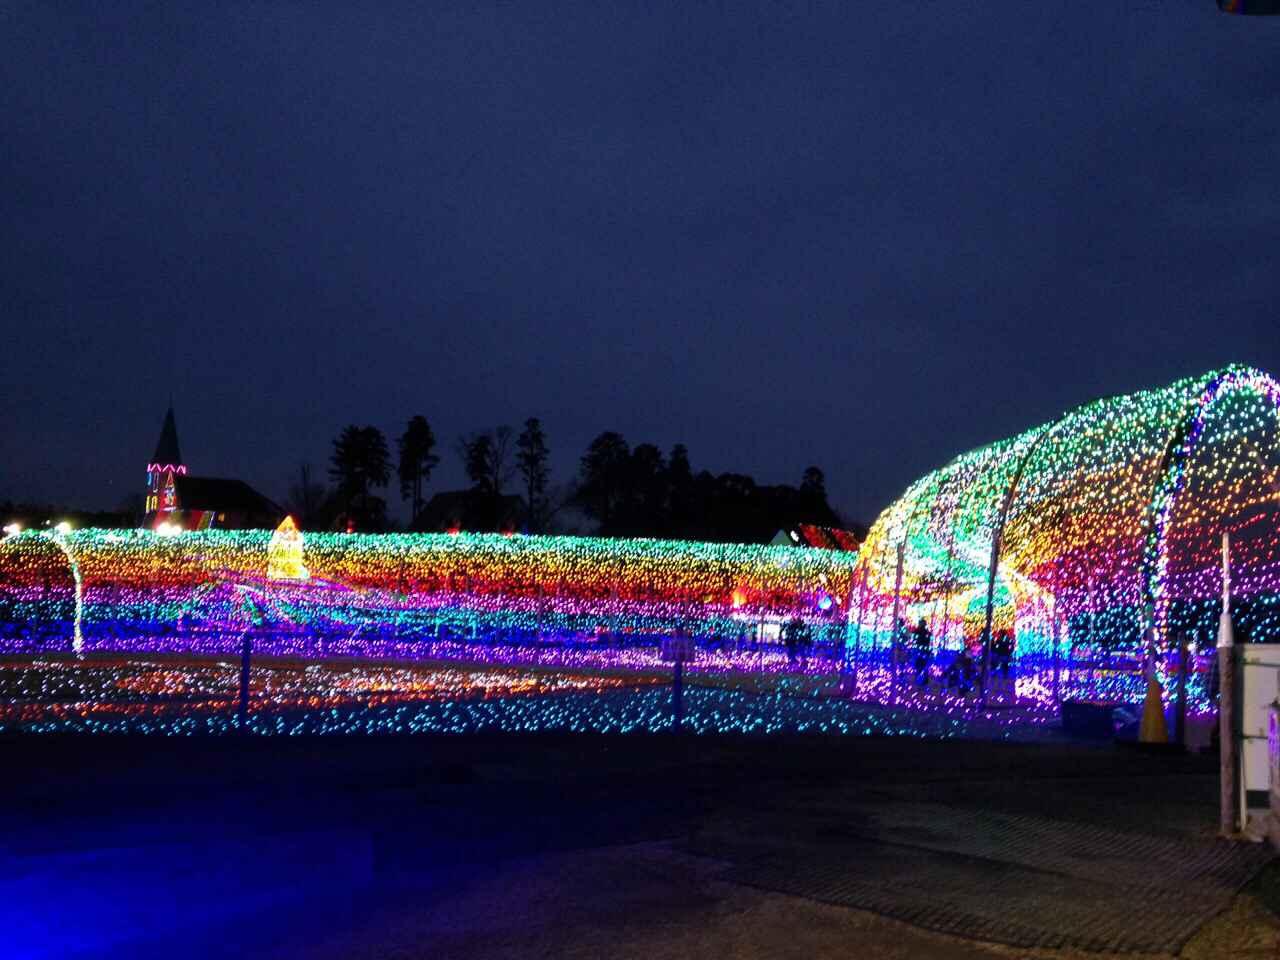 画像: 虹のトンネル☆中を通ると一面イルミネーションで不思議な感覚です☆